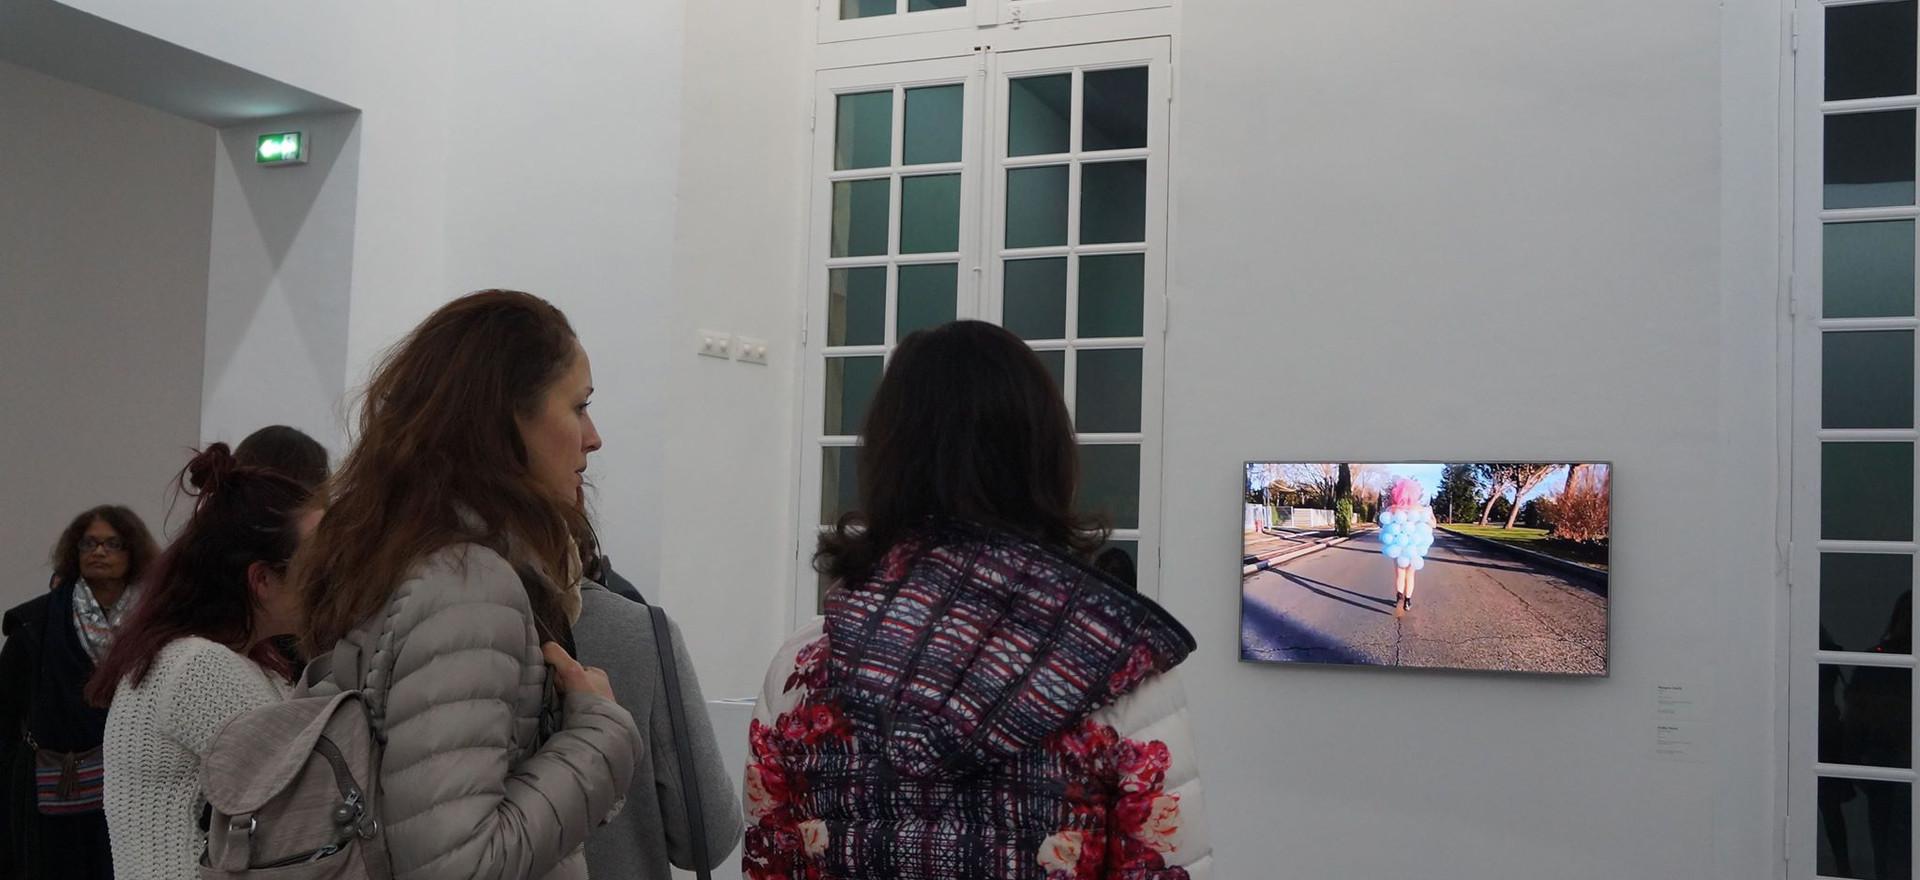 OutsideParty, déambulation/vidéo, 2014